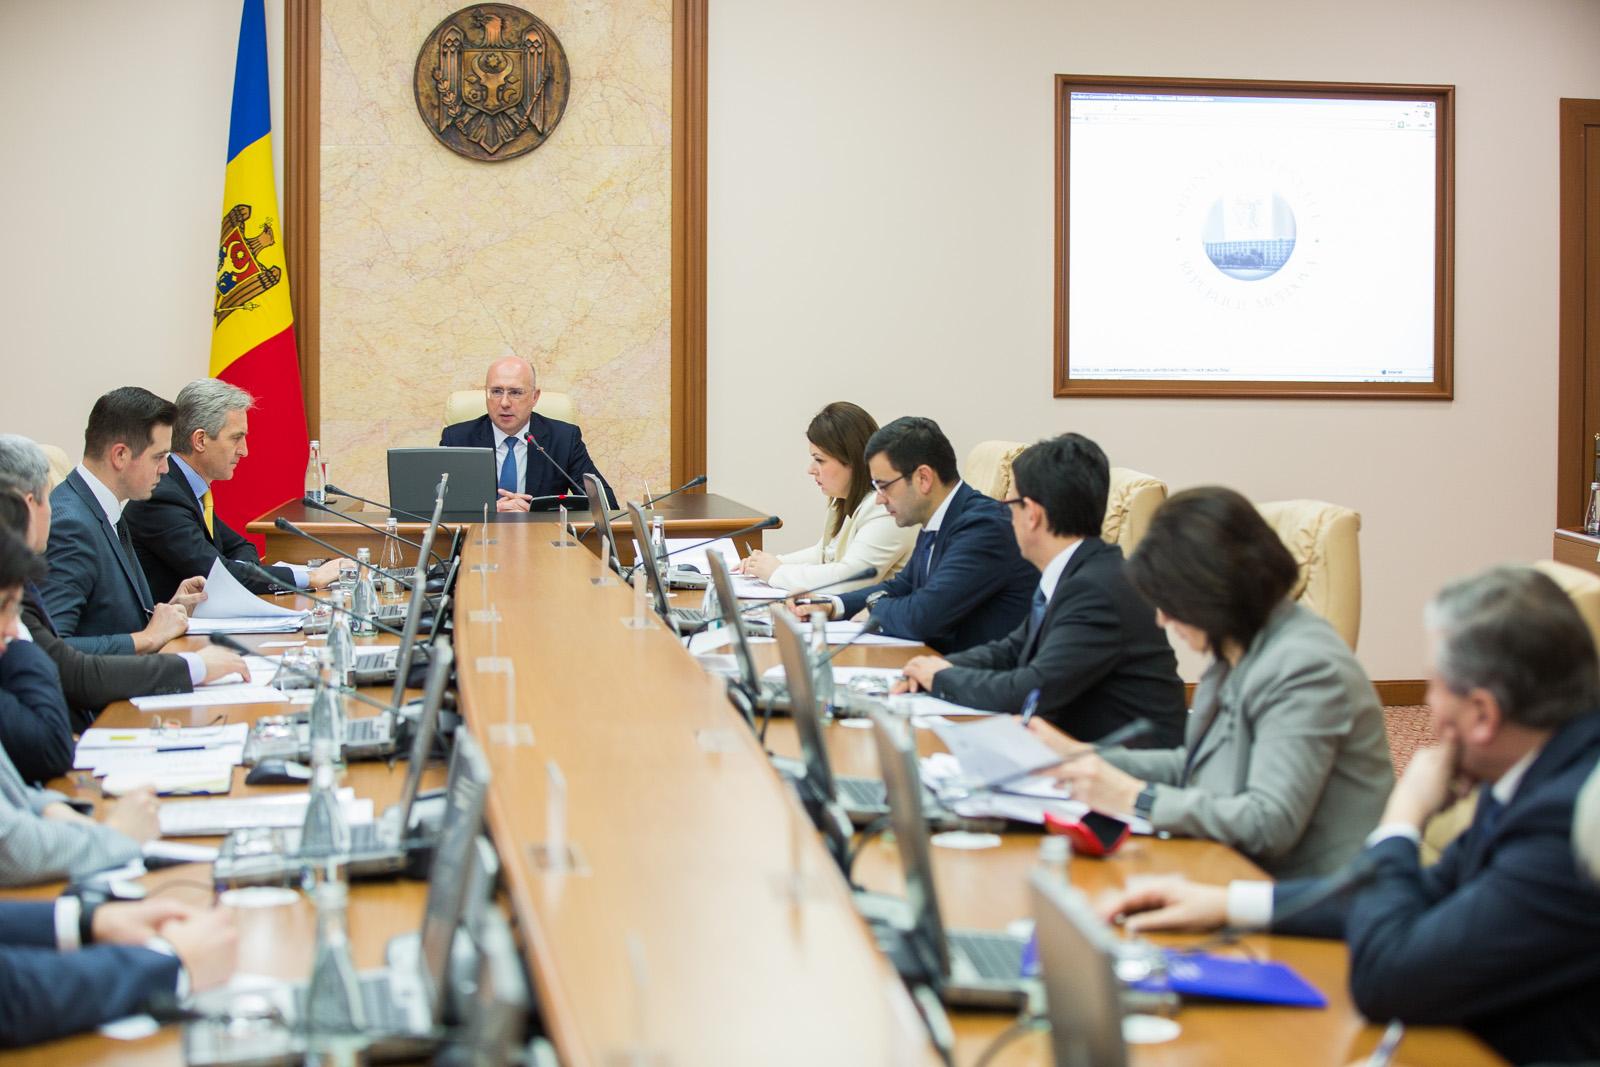 Guvernul Republicii Moldova a aprobat astăzi noua componență a părții guvernamentale a Comisiei tripartite